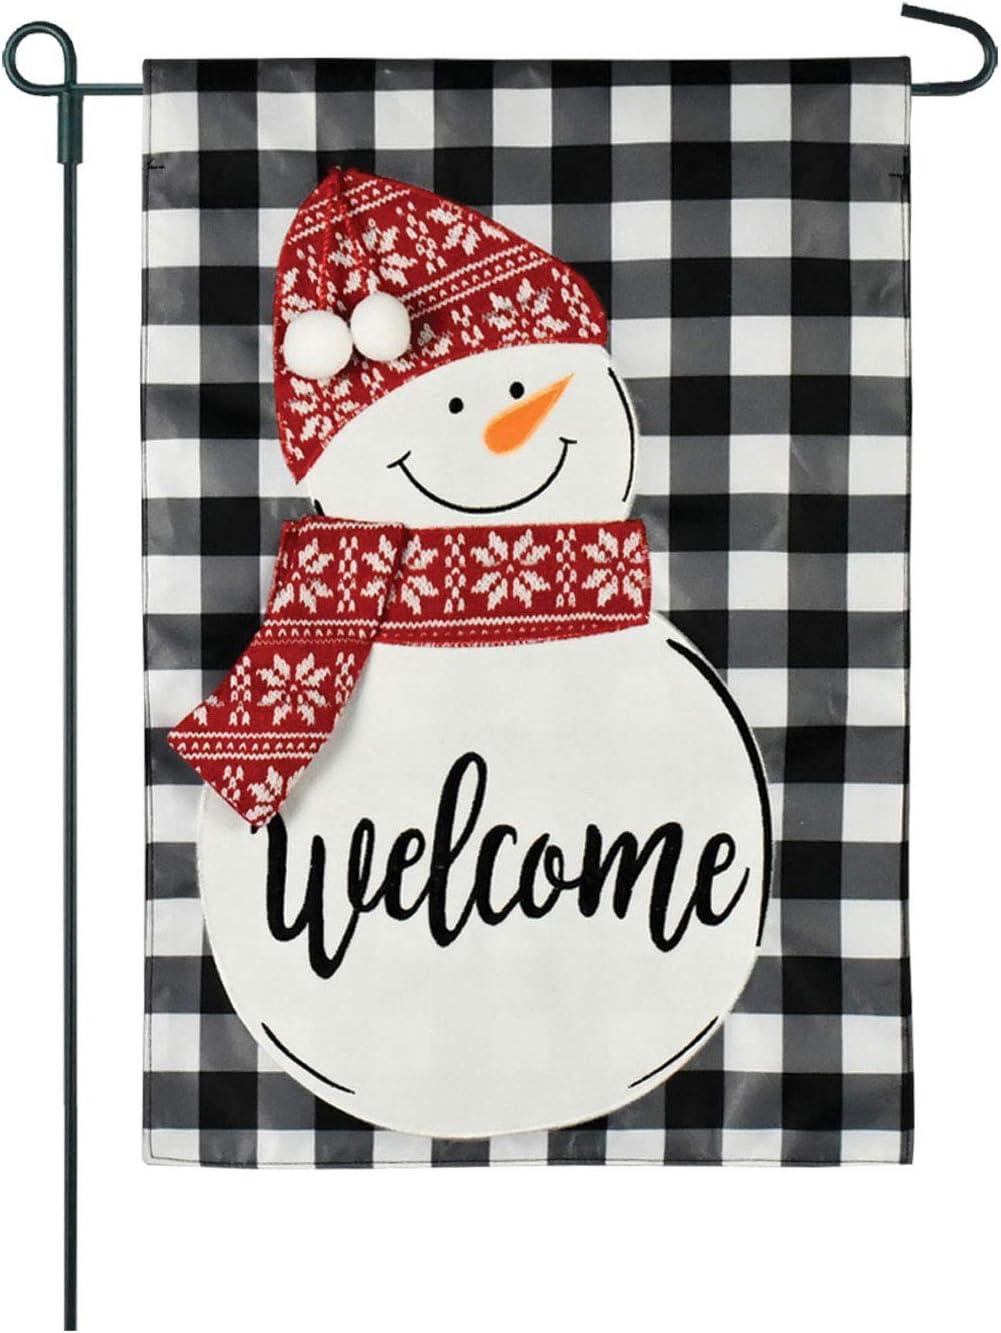 Twisted Anchor Trading Co Welcome Garden Flag - Snowman Garden Flag Buffalo Plaid Burlap Christmas Holiday Home Garden Flag 12.5 x 18